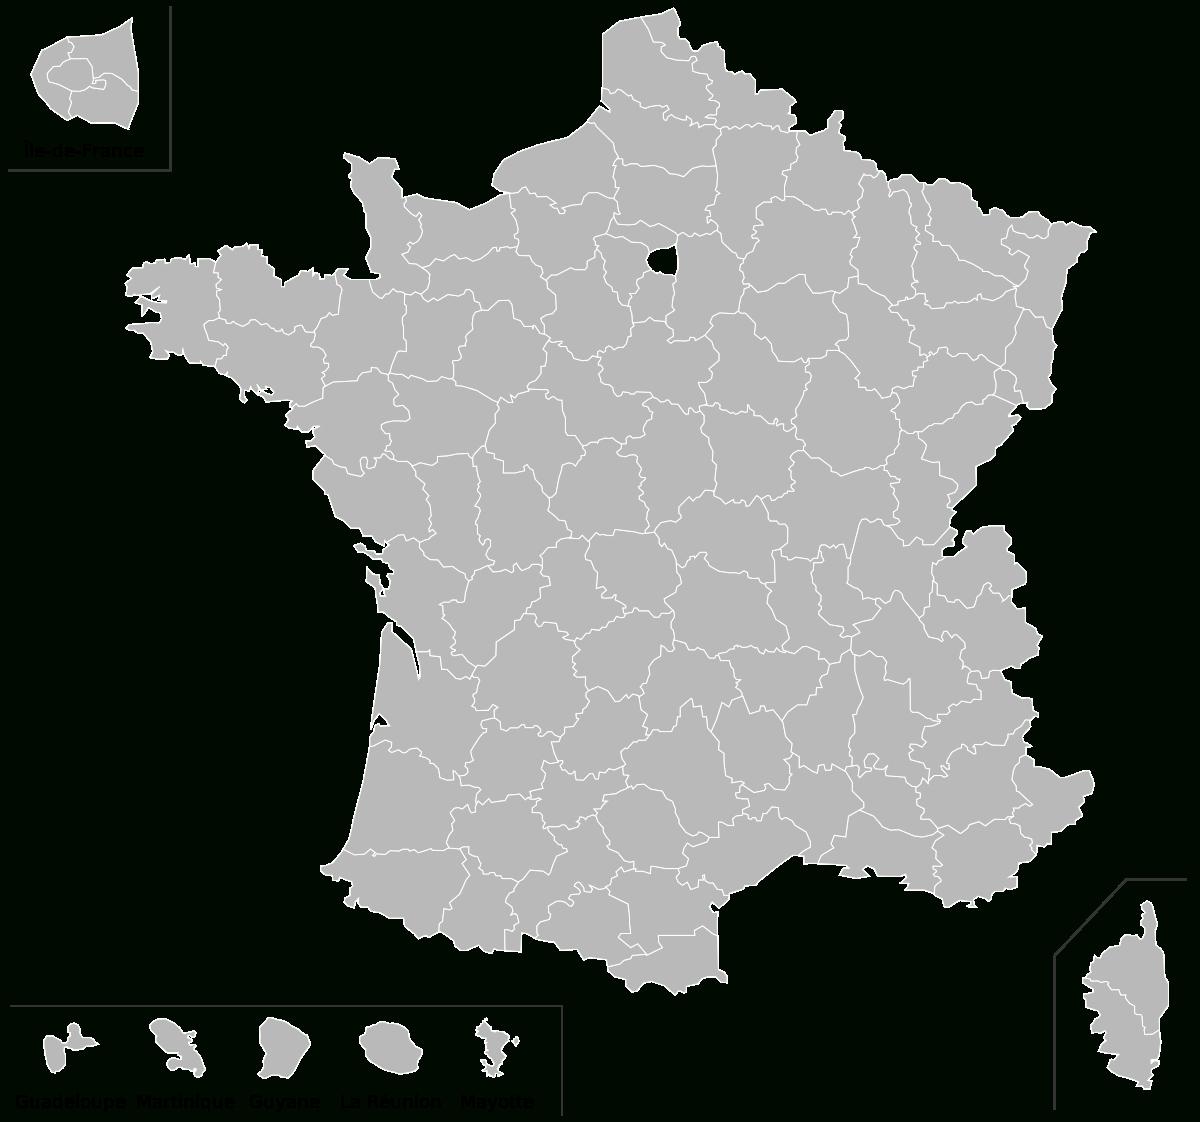 File:carte Vierge Départements Français Avec Dom.svg pour Carte France Département Vierge